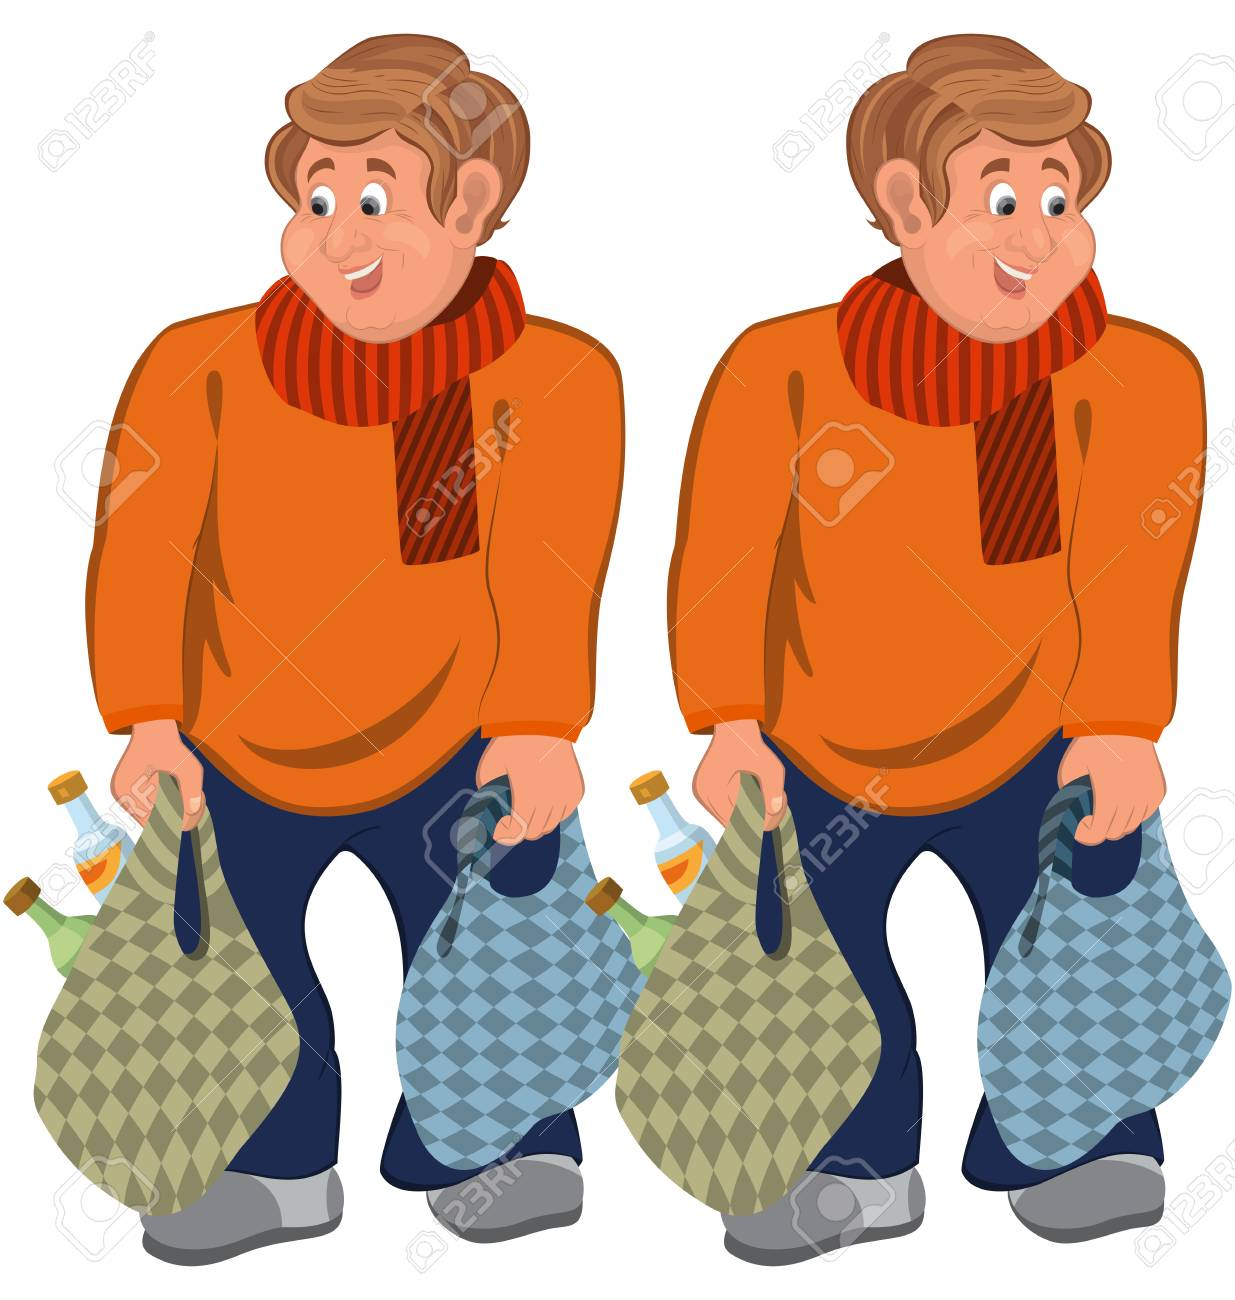 白で隔離 2 つの漫画の男性キャラのイラストスーパーの袋をオレンジ色